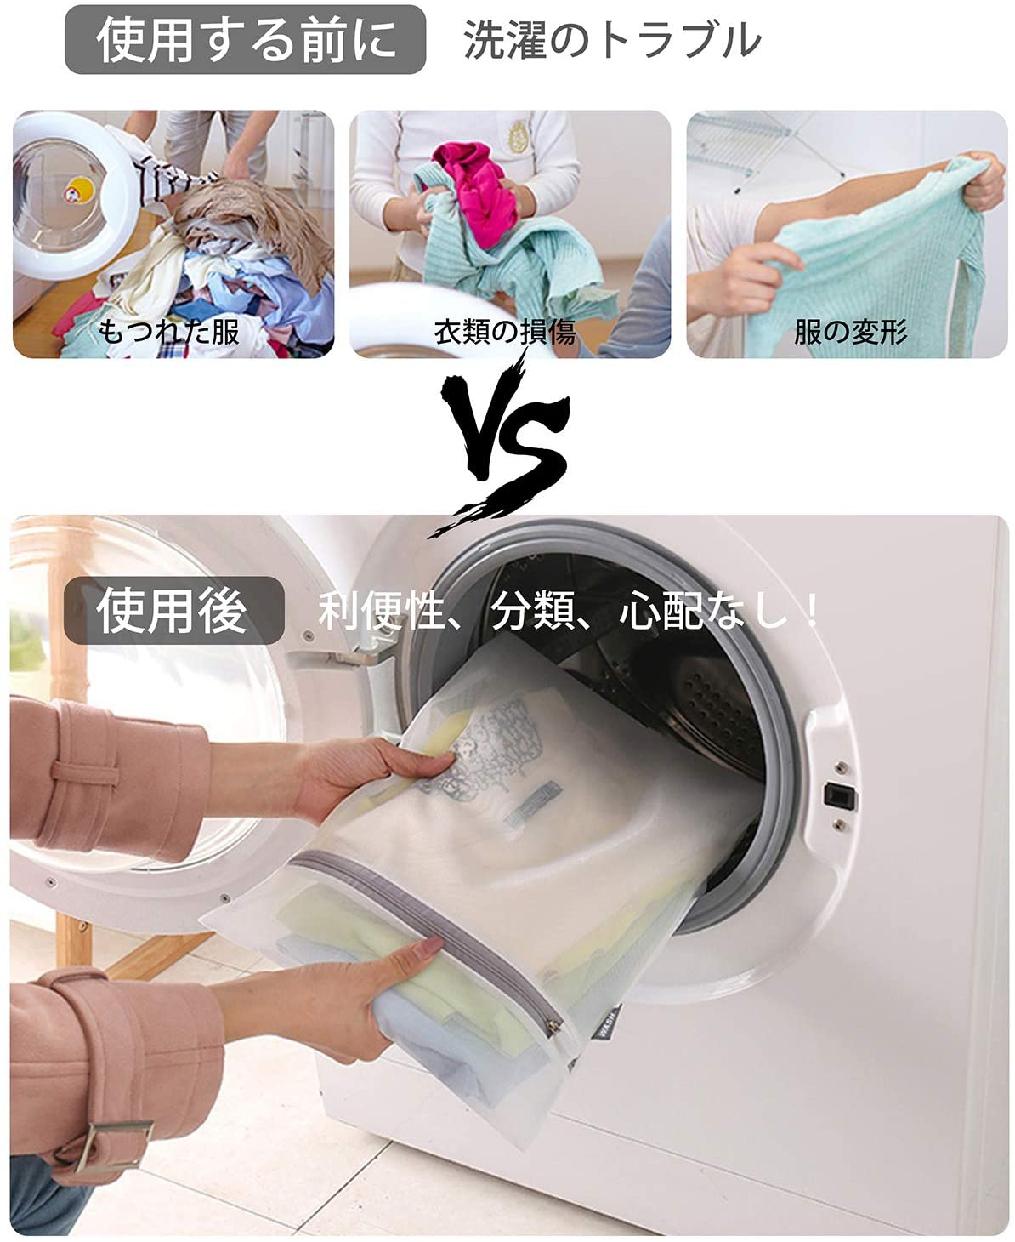 amxus(アンサス) 洗濯ネットの商品画像6